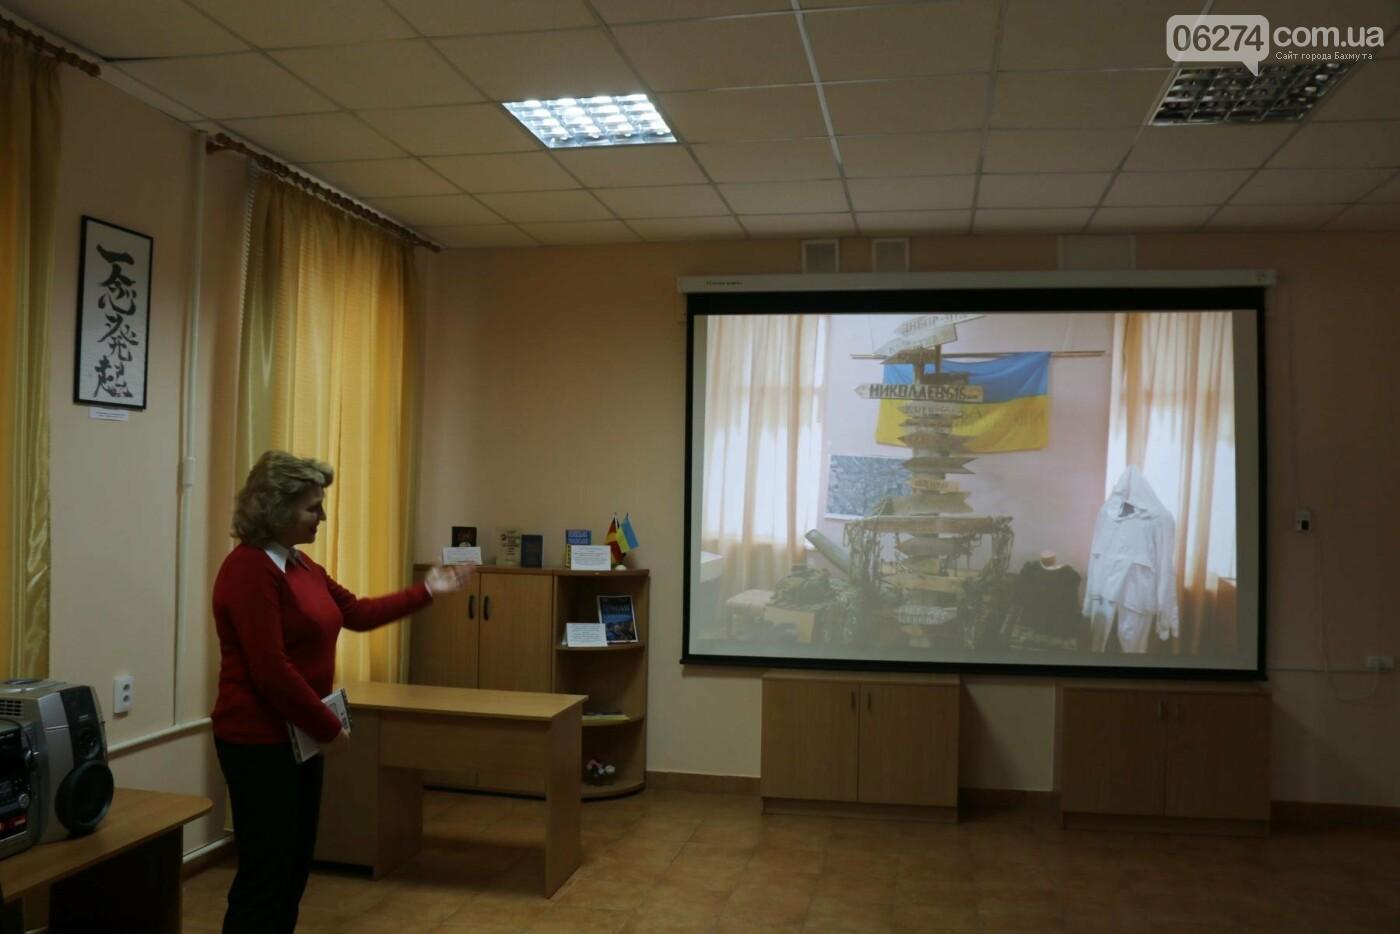 В Бахмуте прошли мероприятия по случаю третьей годовщины выхода украинских войск из Дебальцево, фото-2